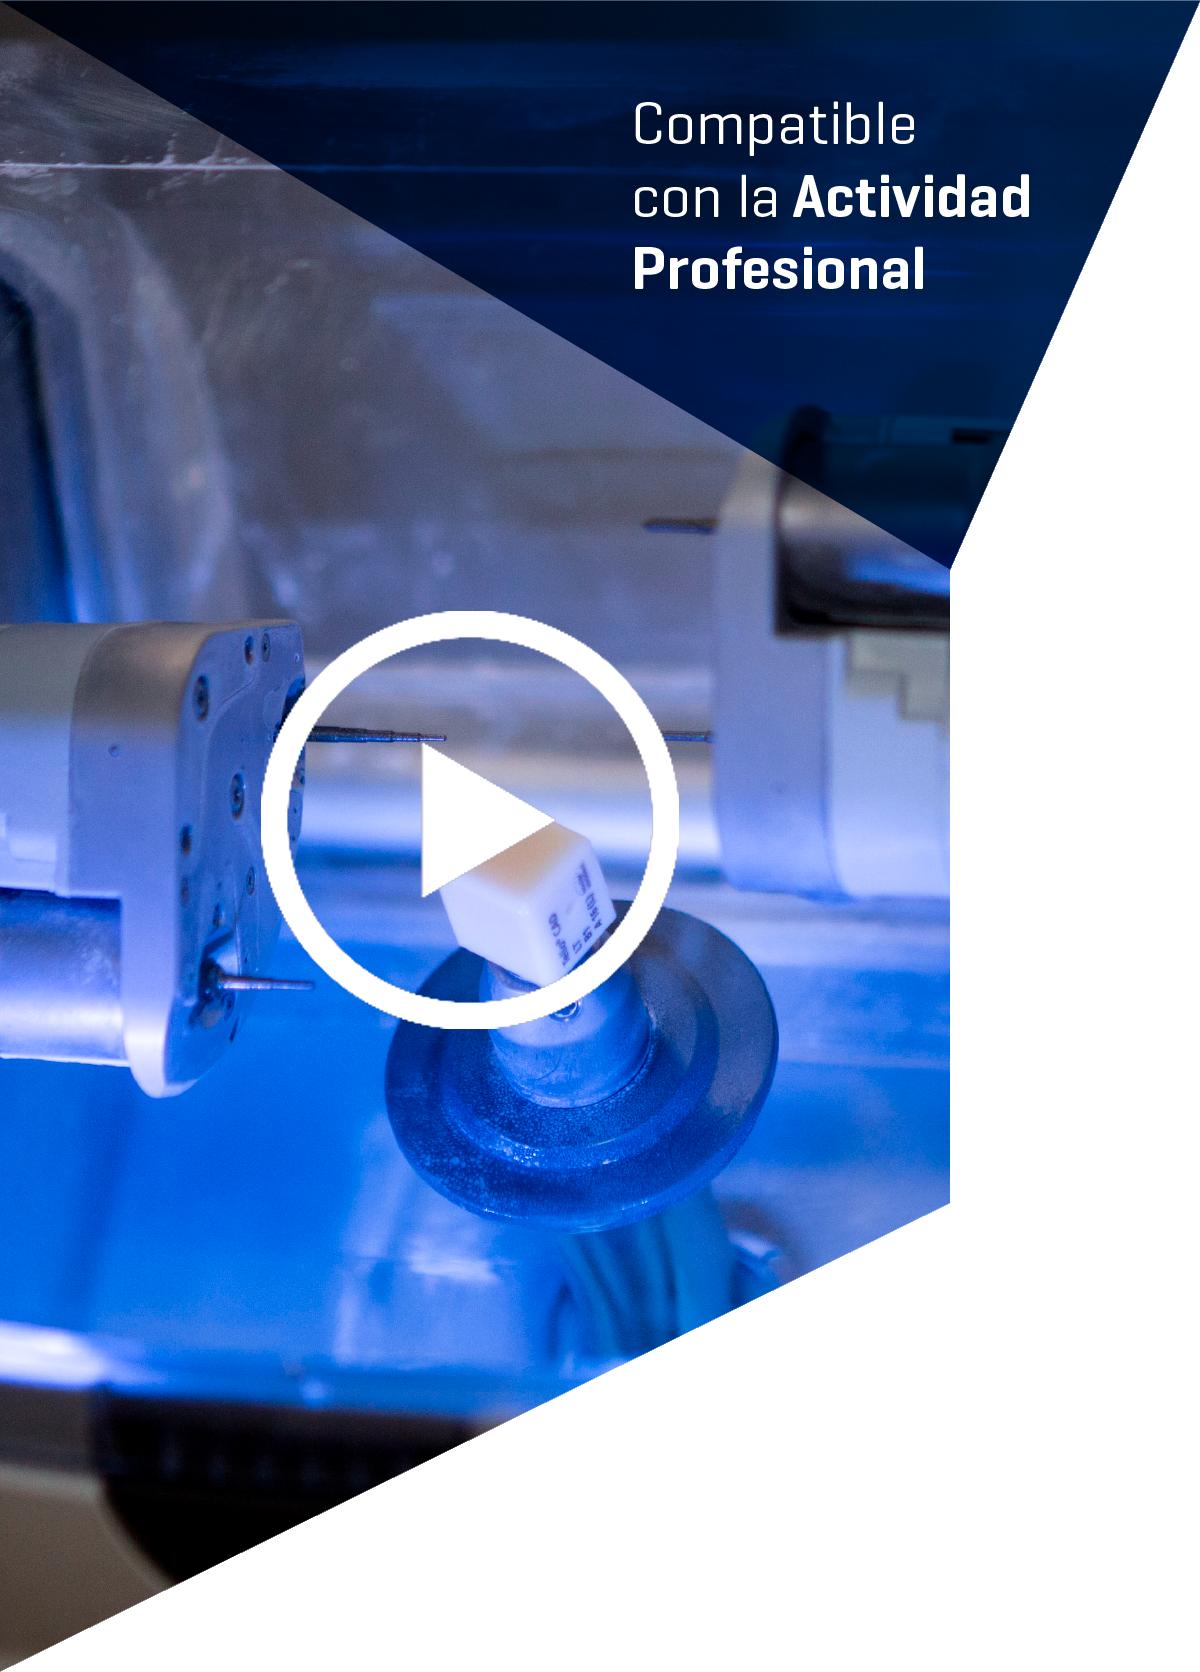 Master estetica rehabilitacion oral nuevas tecnologias realizado pos los expertos de Knotgroup Dental Institute